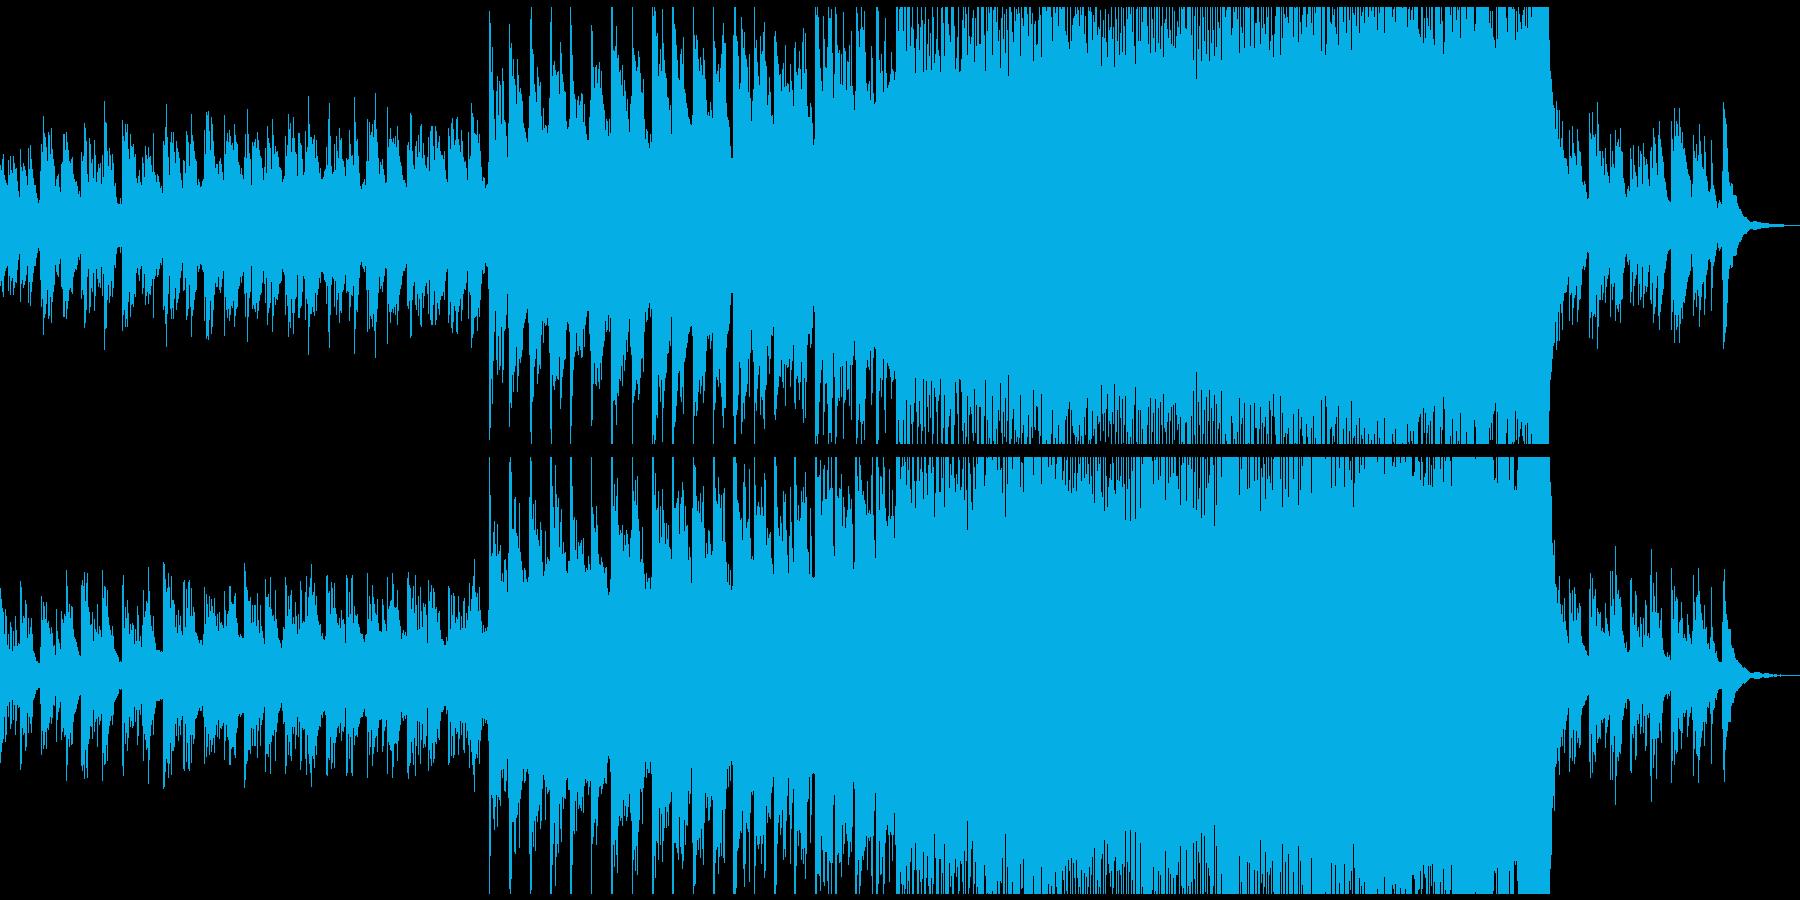 ピアノとエレキの旋律が印象的なバラードの再生済みの波形